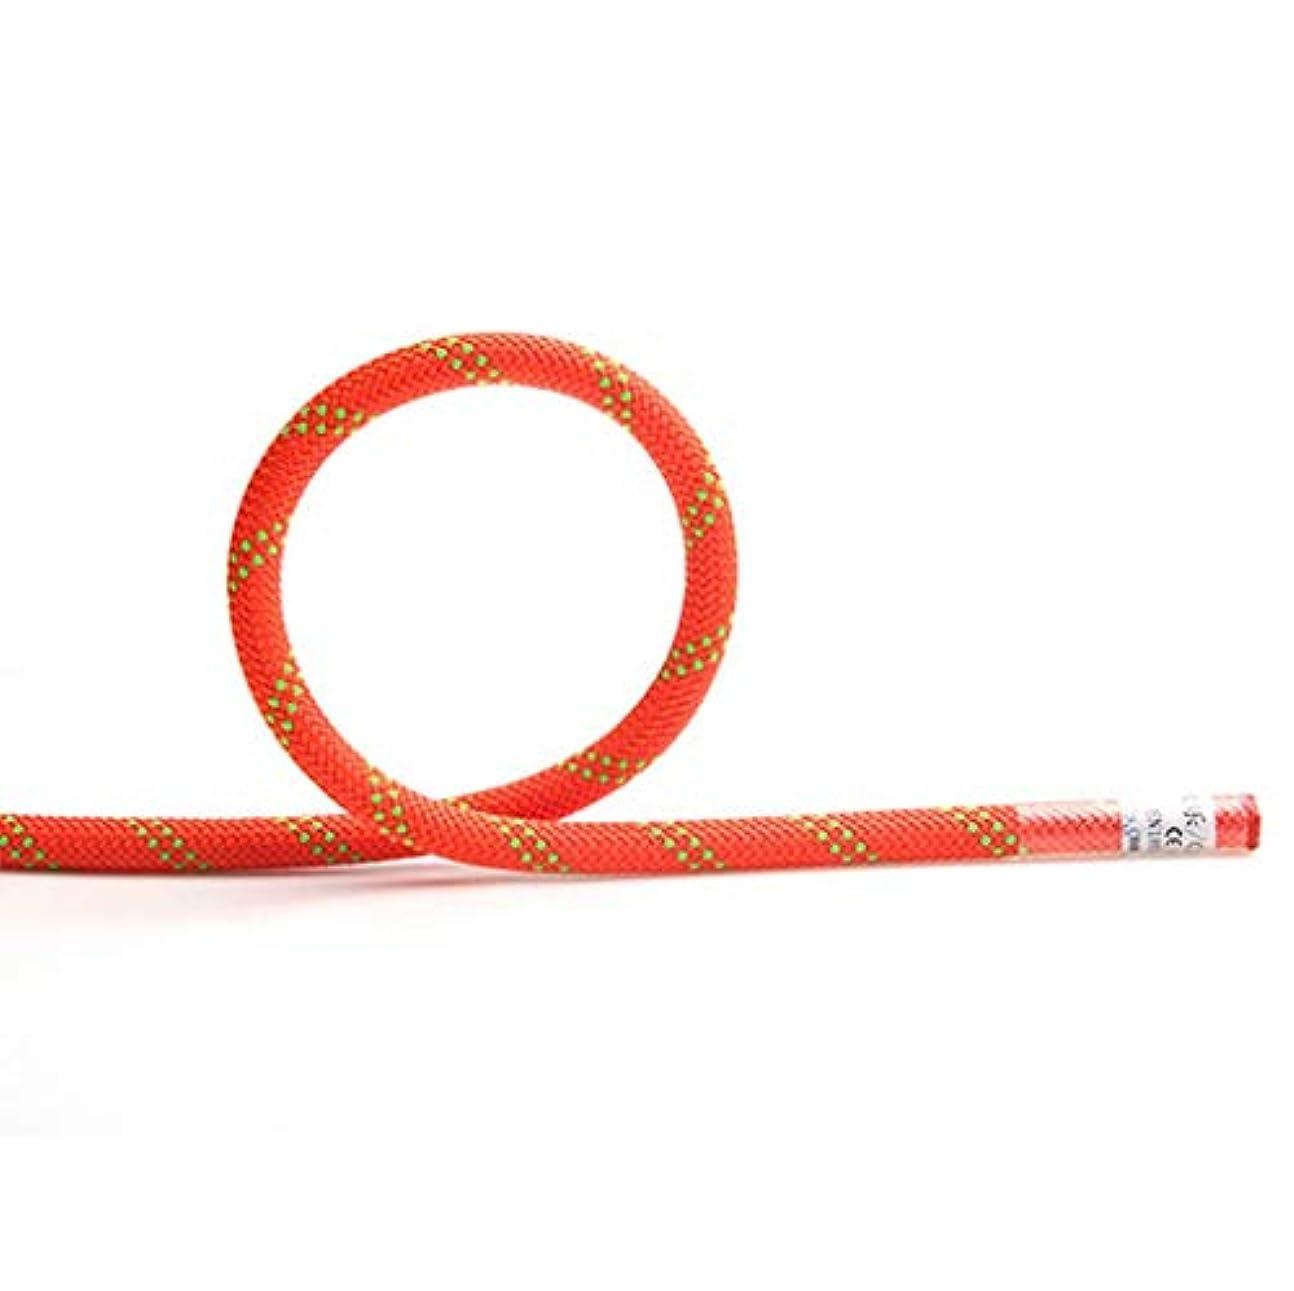 お風呂を持っている乗って説得力のあるHSBAIS 屋外用クライミングロープ、プロ静的ロッククライミング用安全ロープ カラビナ スピードドロップロープ ファイアーロープ ハイキングとハイキング,Orange_12mm/15m/49ft